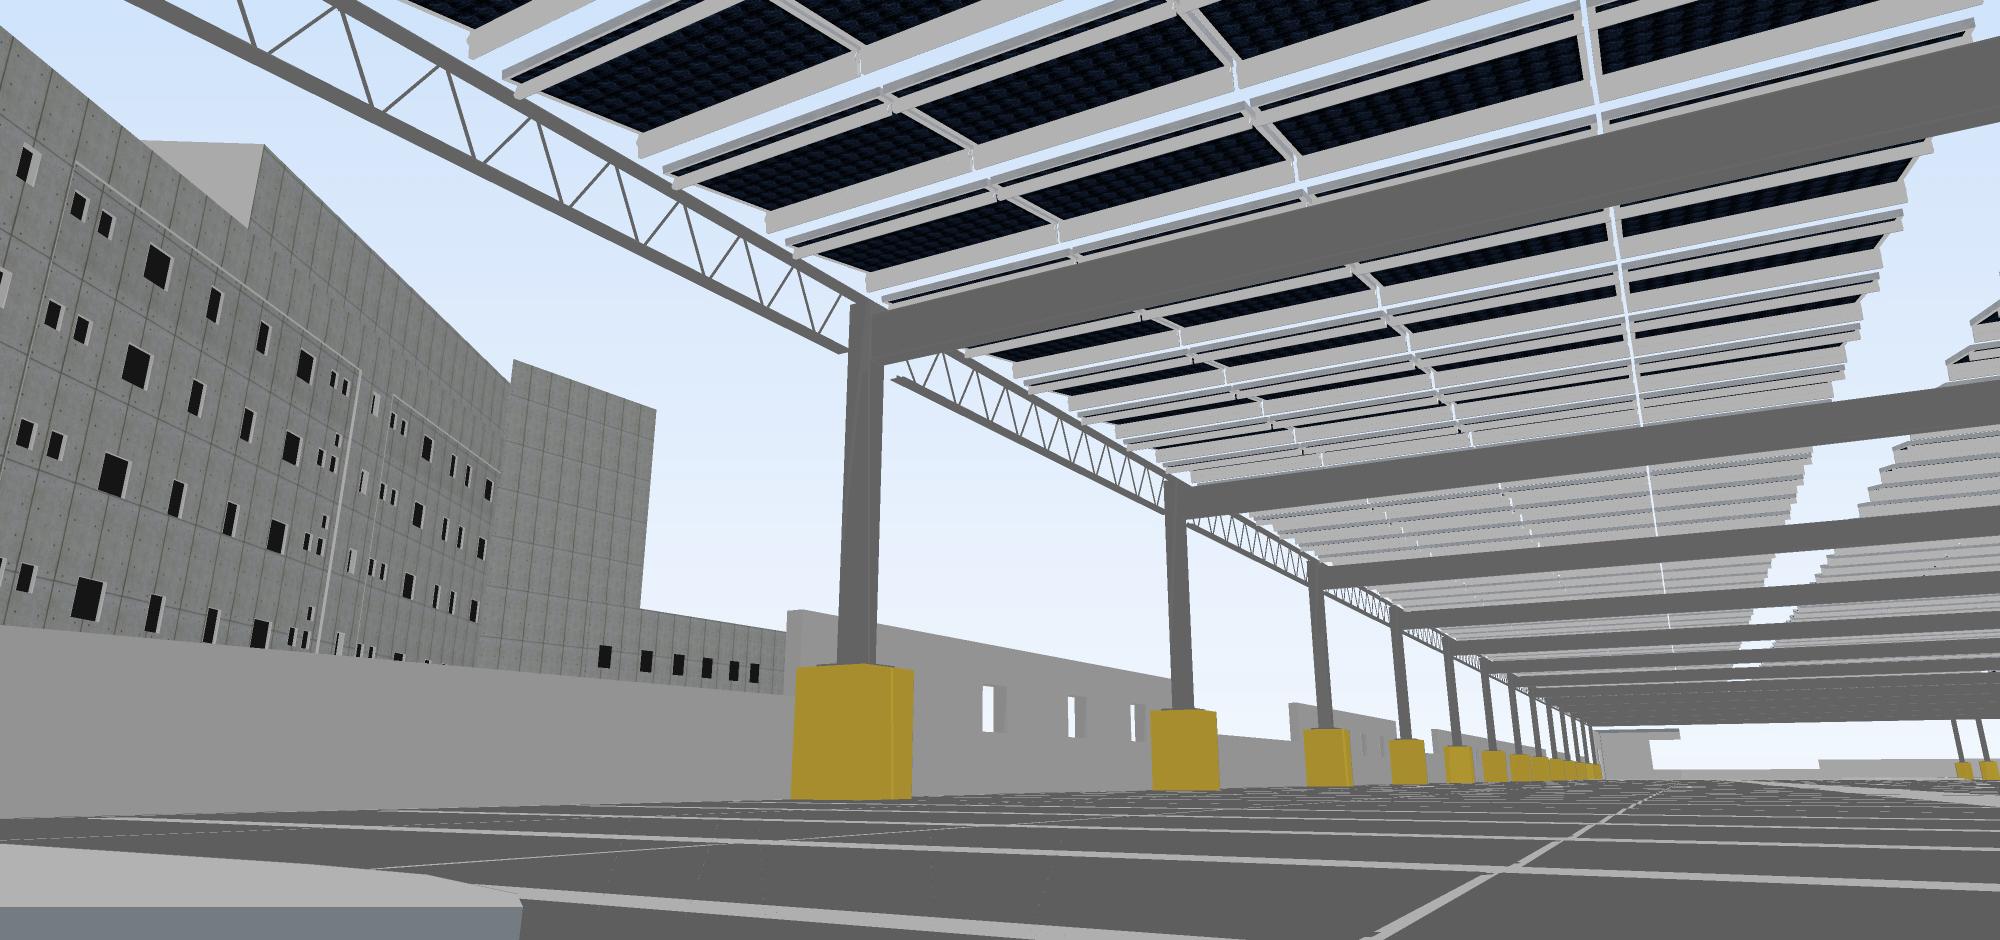 Propuesta: Modelo Tridimensional de una  instalación fotovoltaica en un estacionamiento multipisos en el Centro Judicial de Caguas